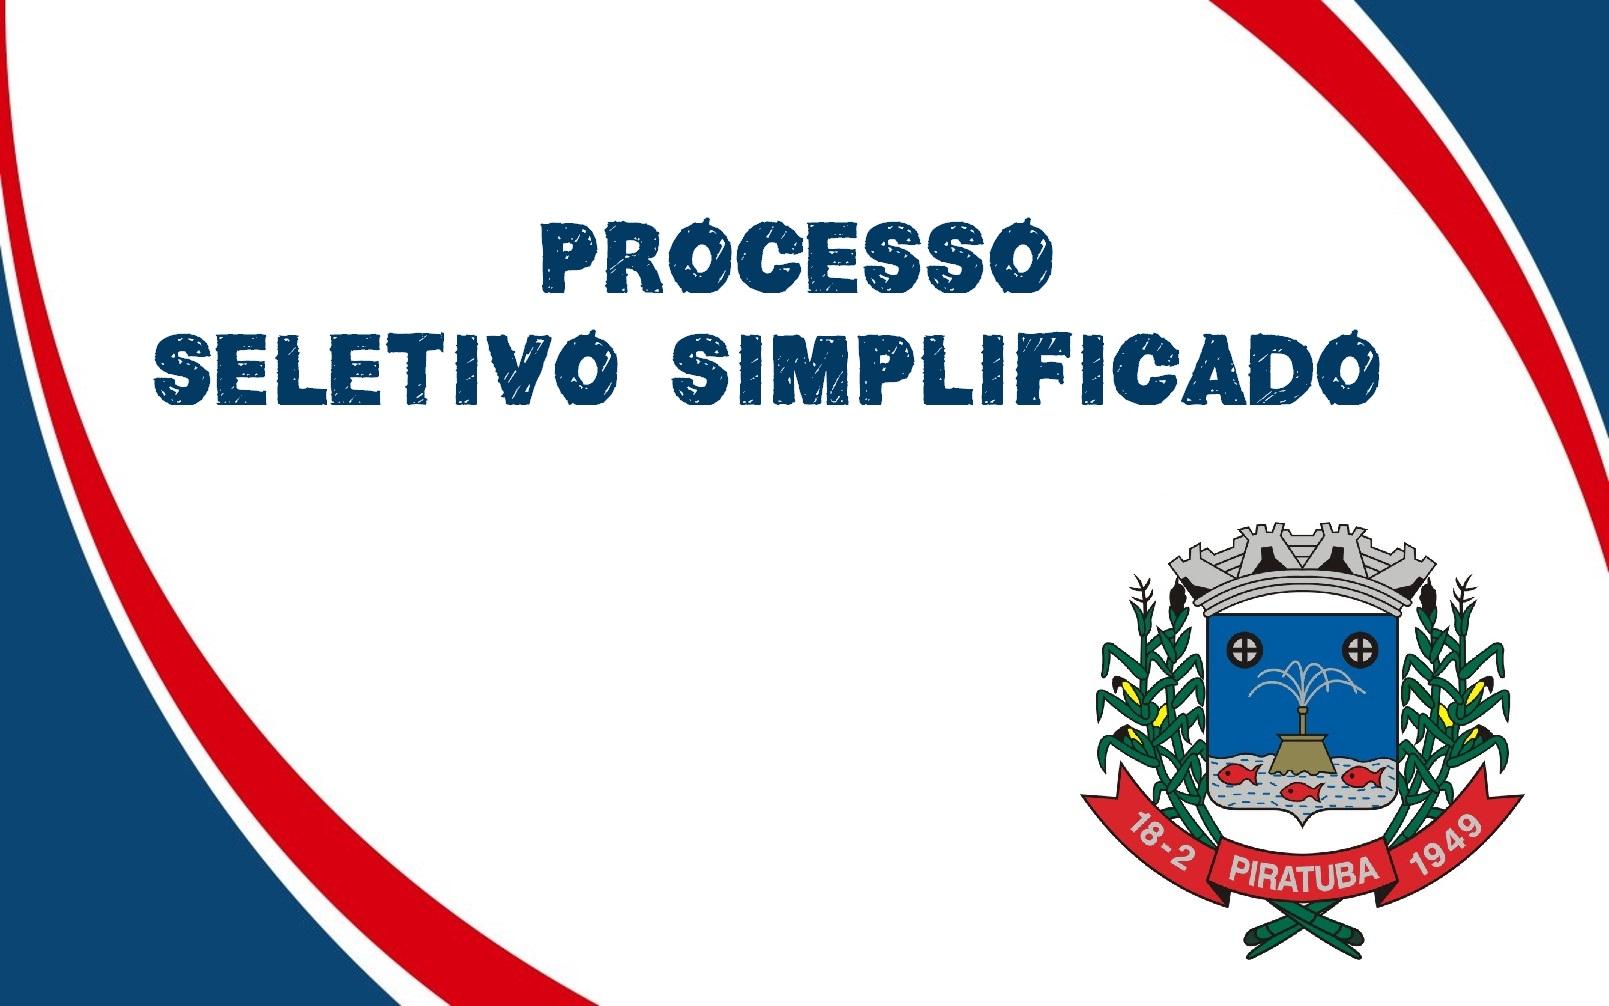 Imagem: Piratuba/Ascom